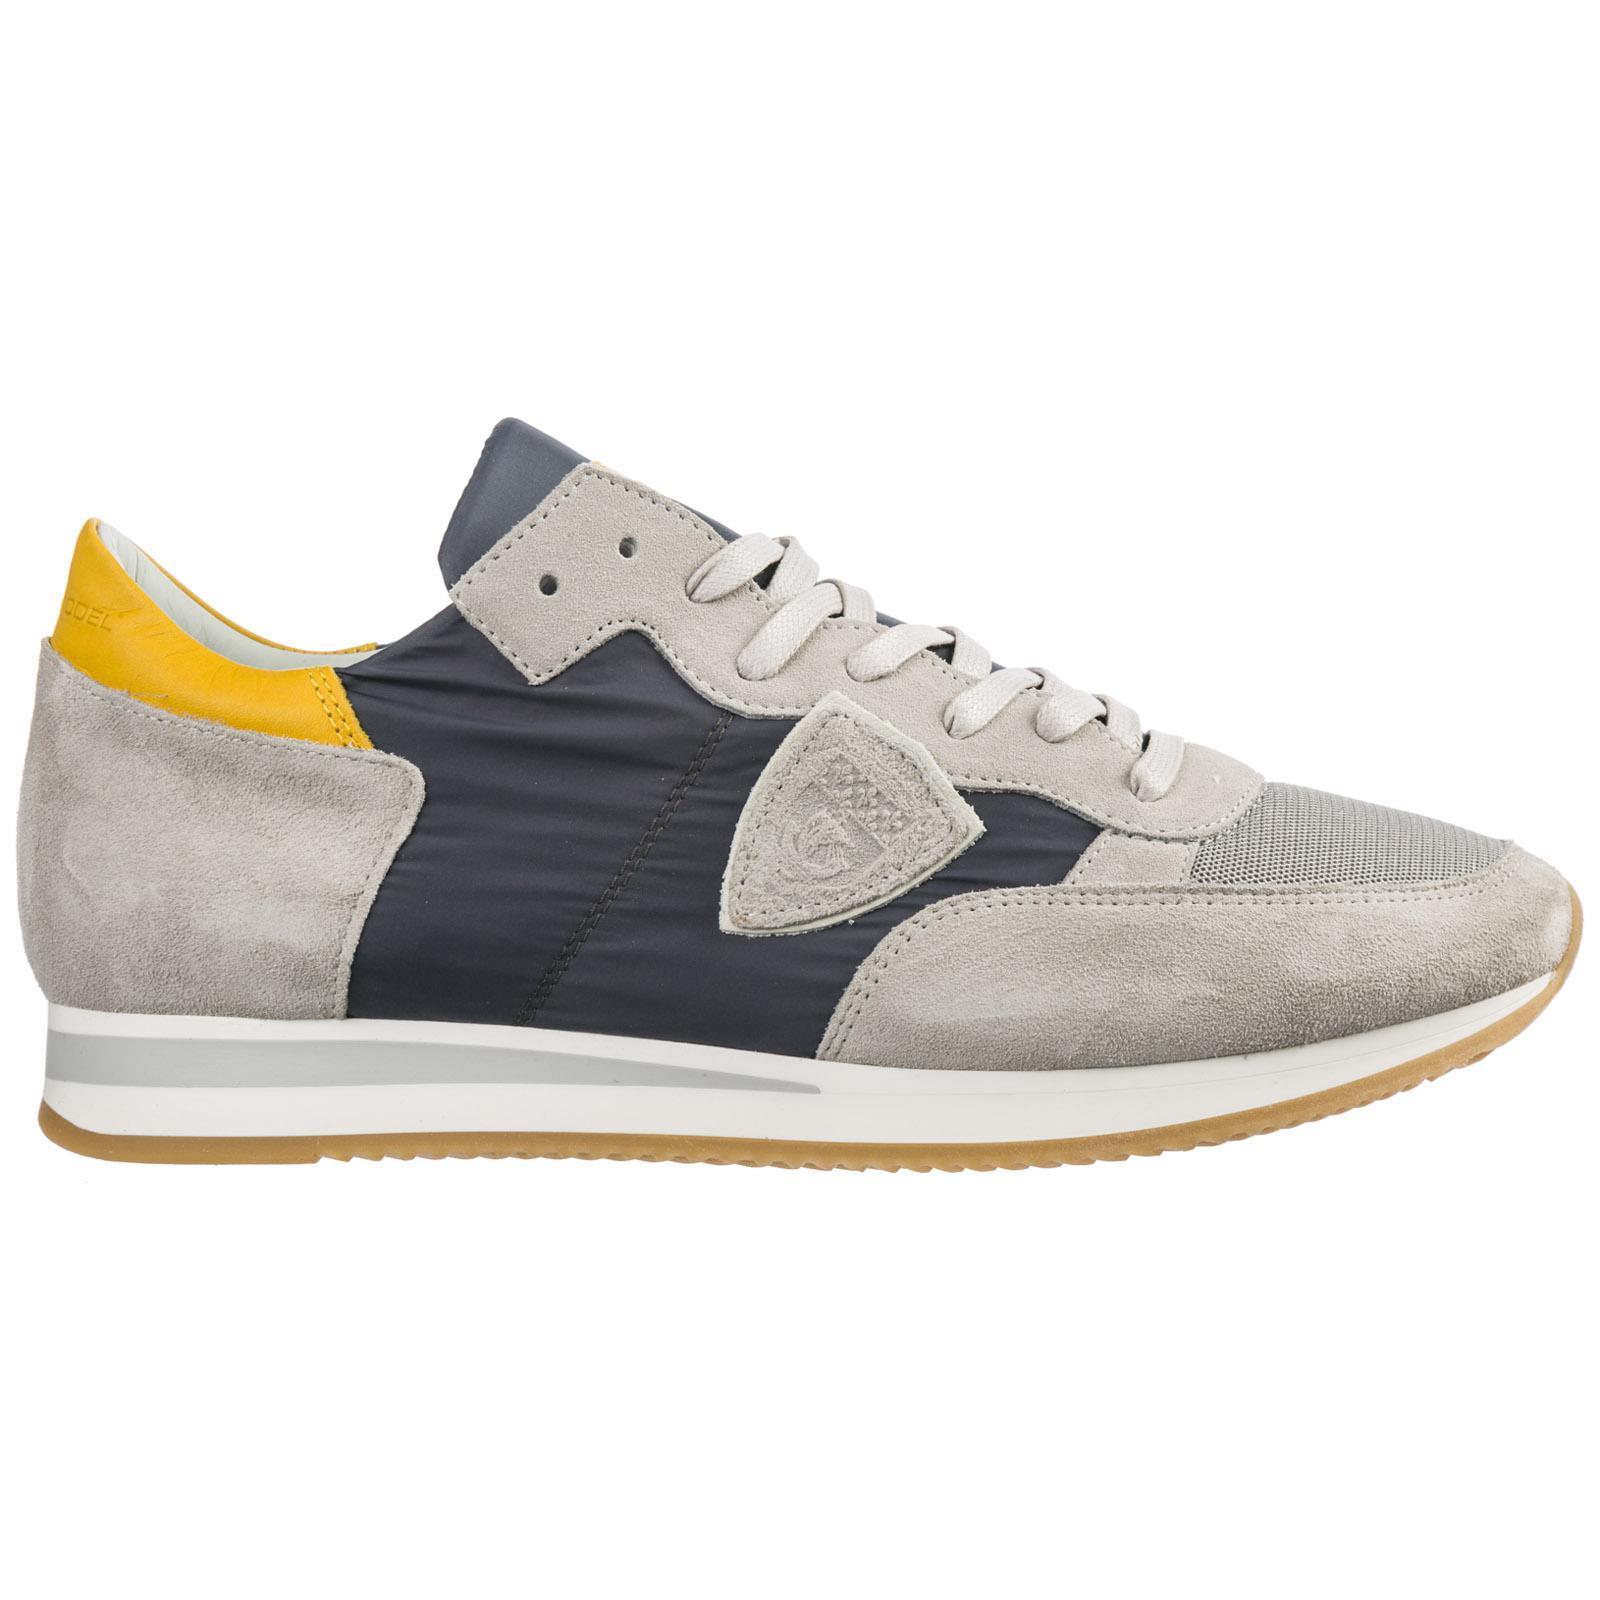 283fc0a788f3a Lyst - Philippe Model Scarpe Sneakers Uomo Camoscio Tropez for Men